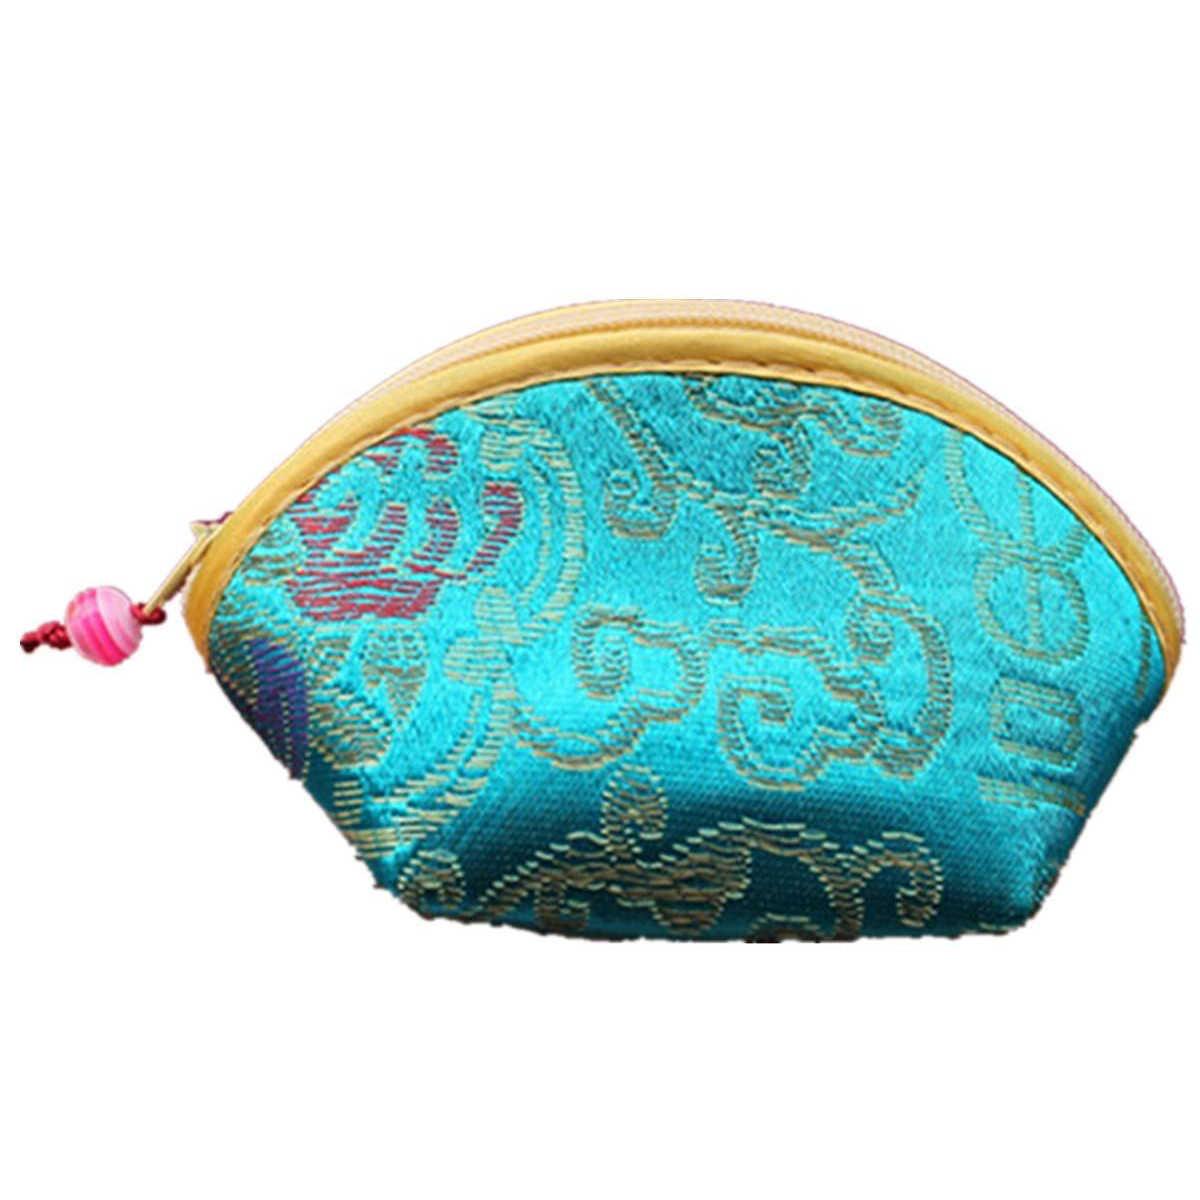 WCS-китайский шелк Вышивка кошелек для монет сумка маленький кошелек чехол случайный